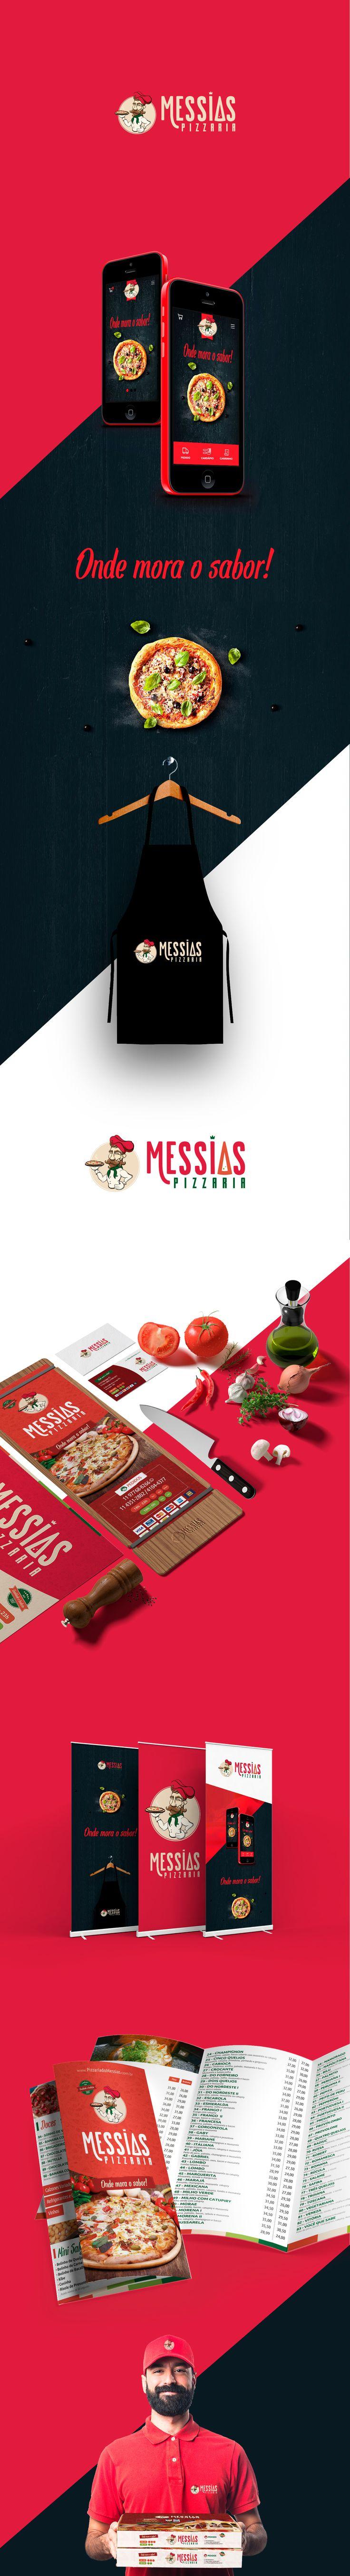 Pizzaria do Messias - Identidade Visual